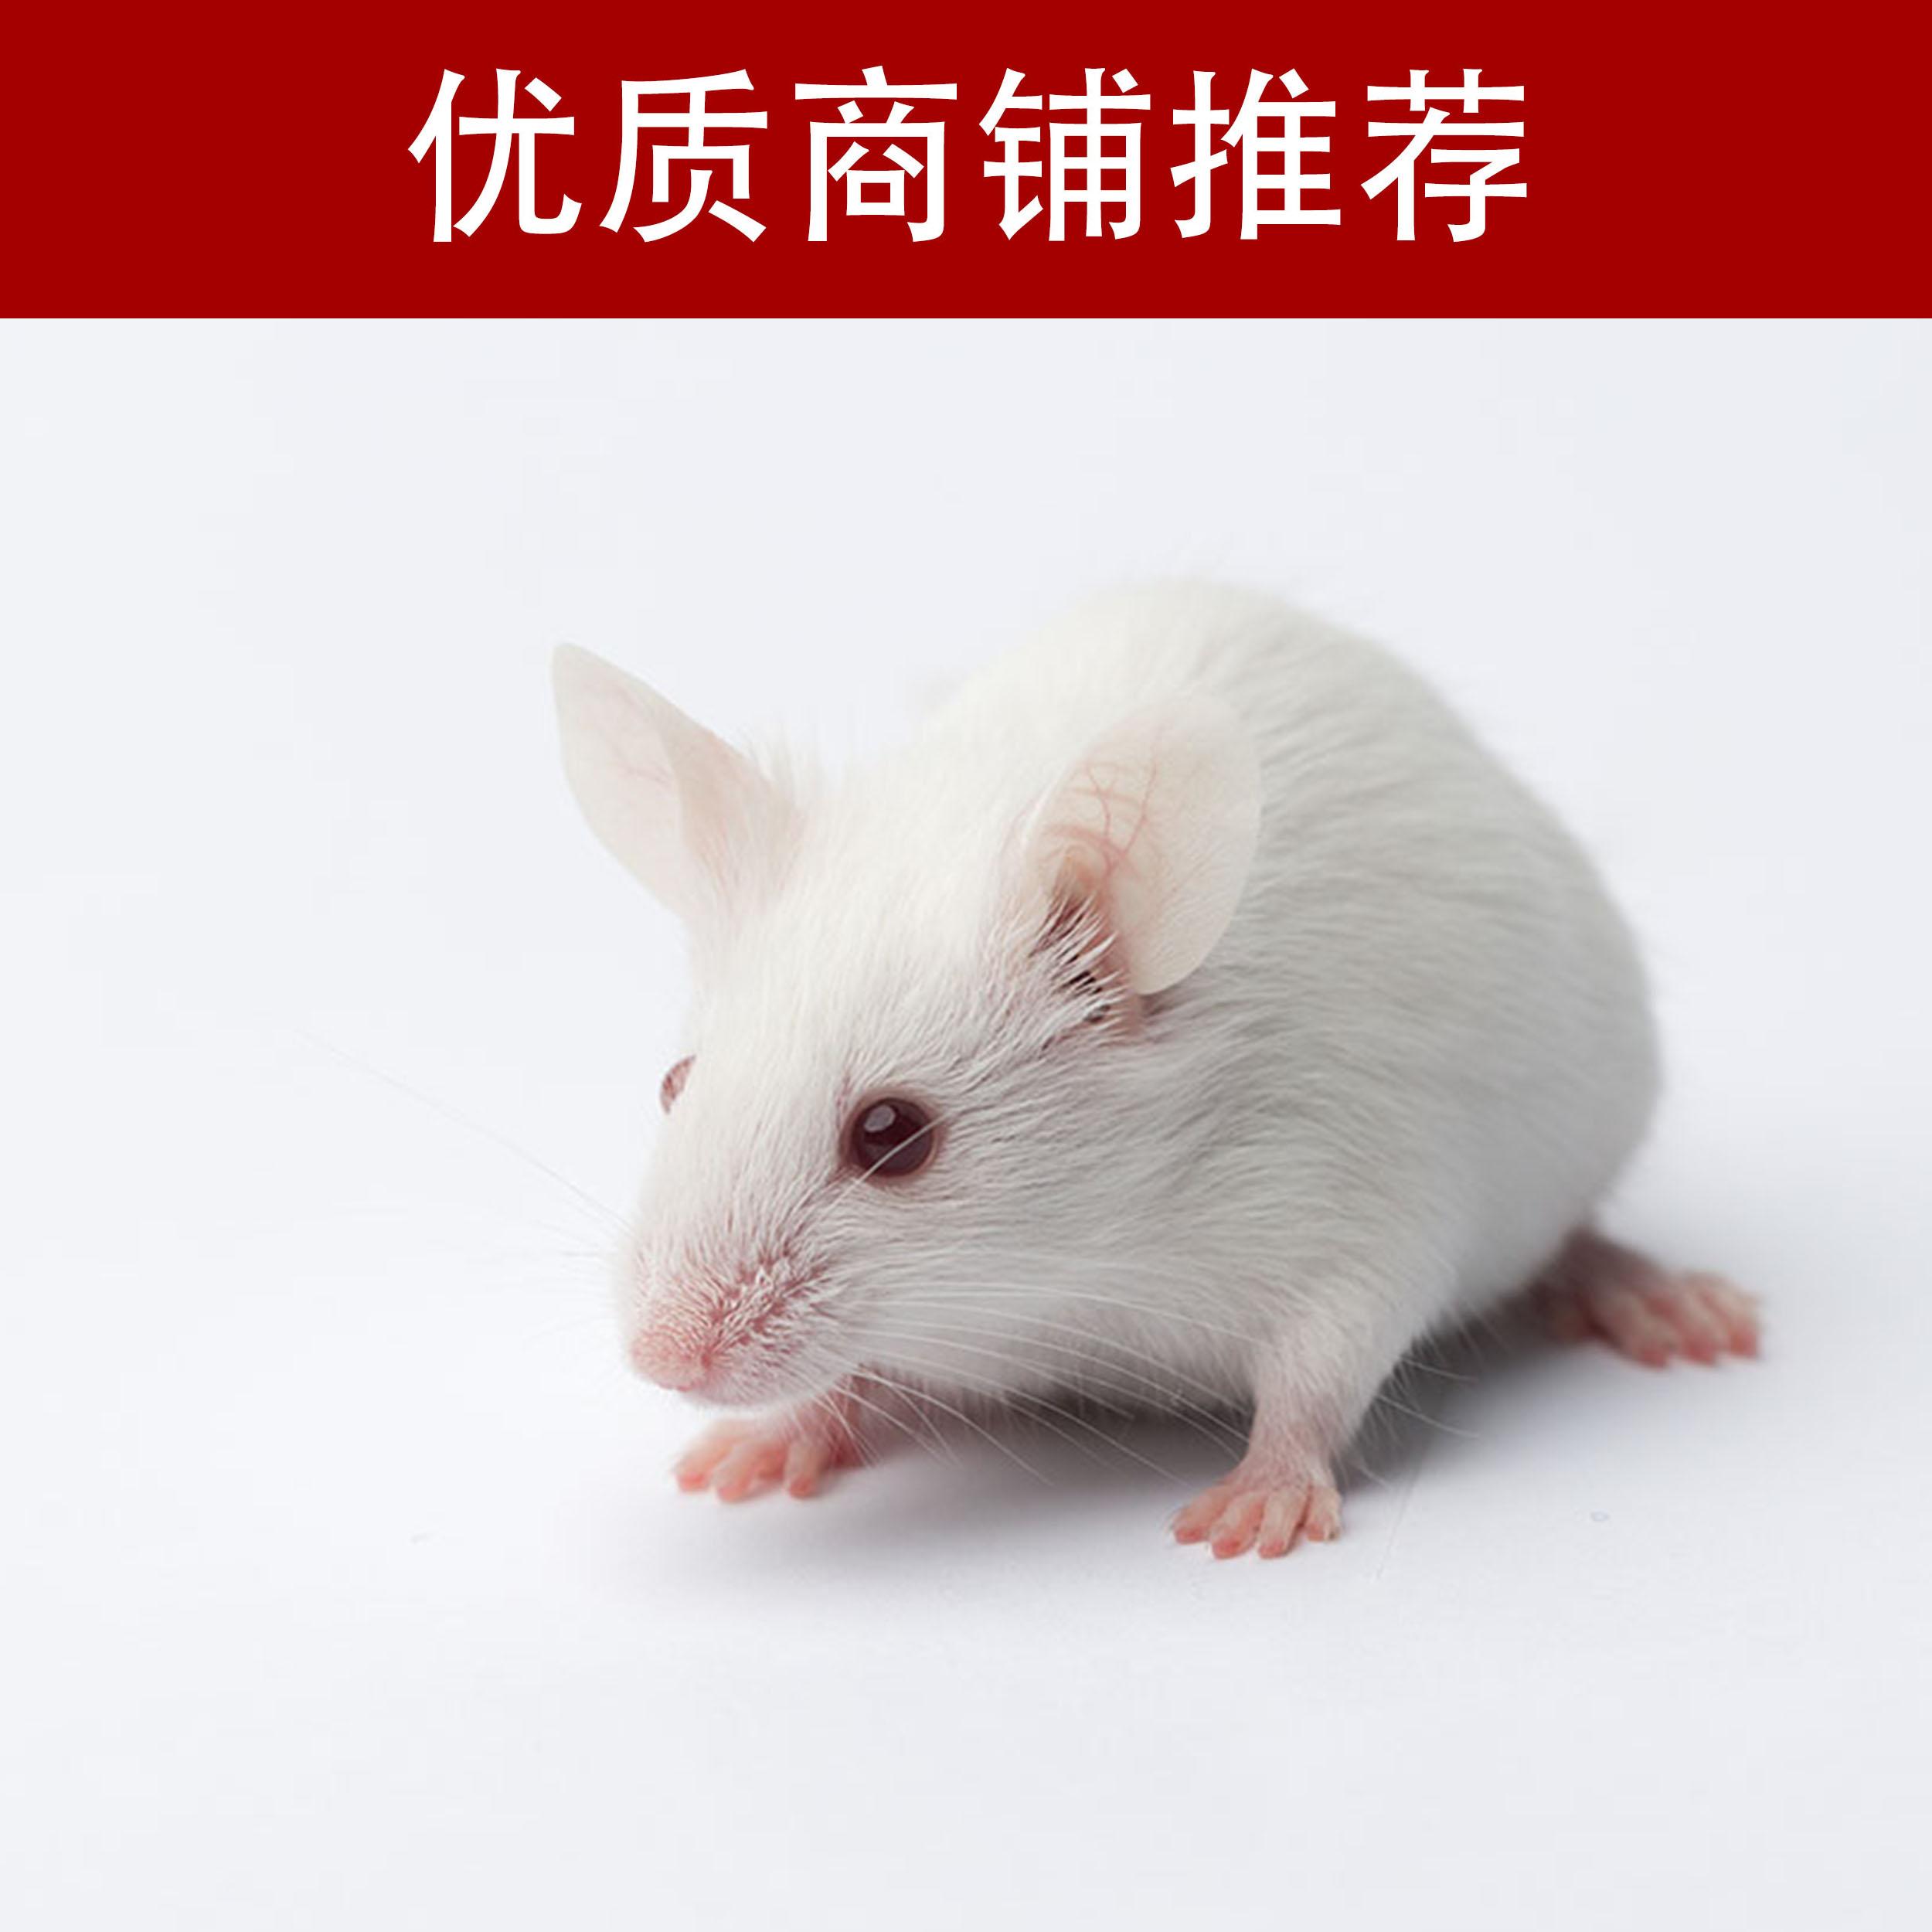 阿尔兹海默症动物模型制备